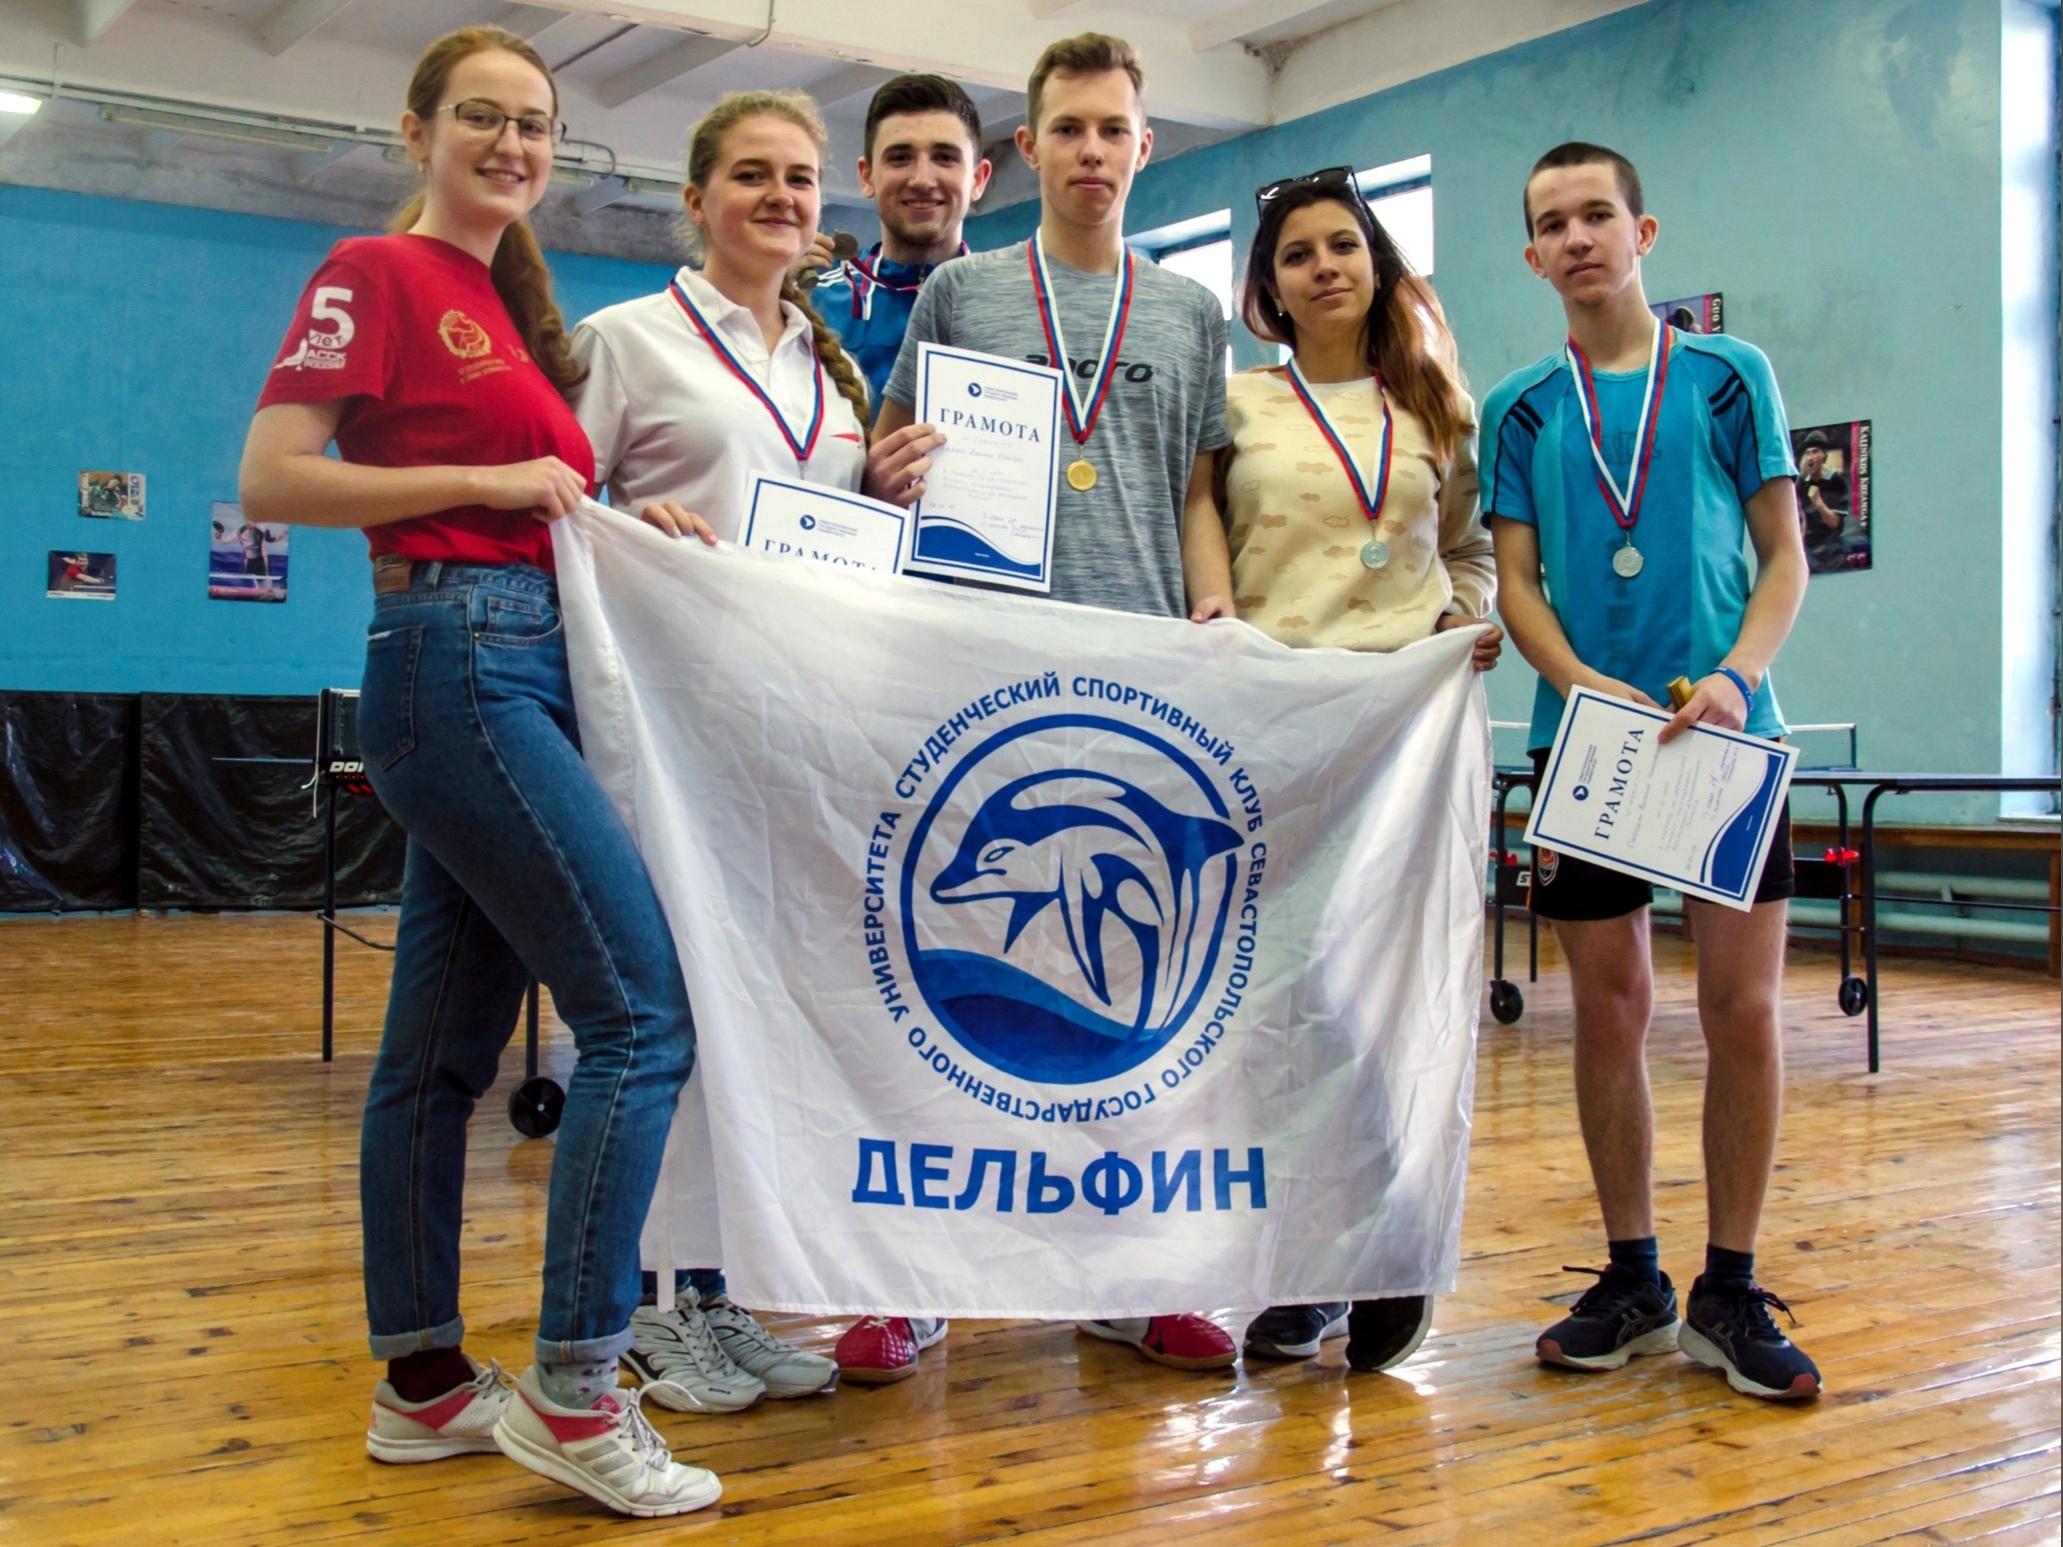 Предмет студенческой гордости, изображение №11